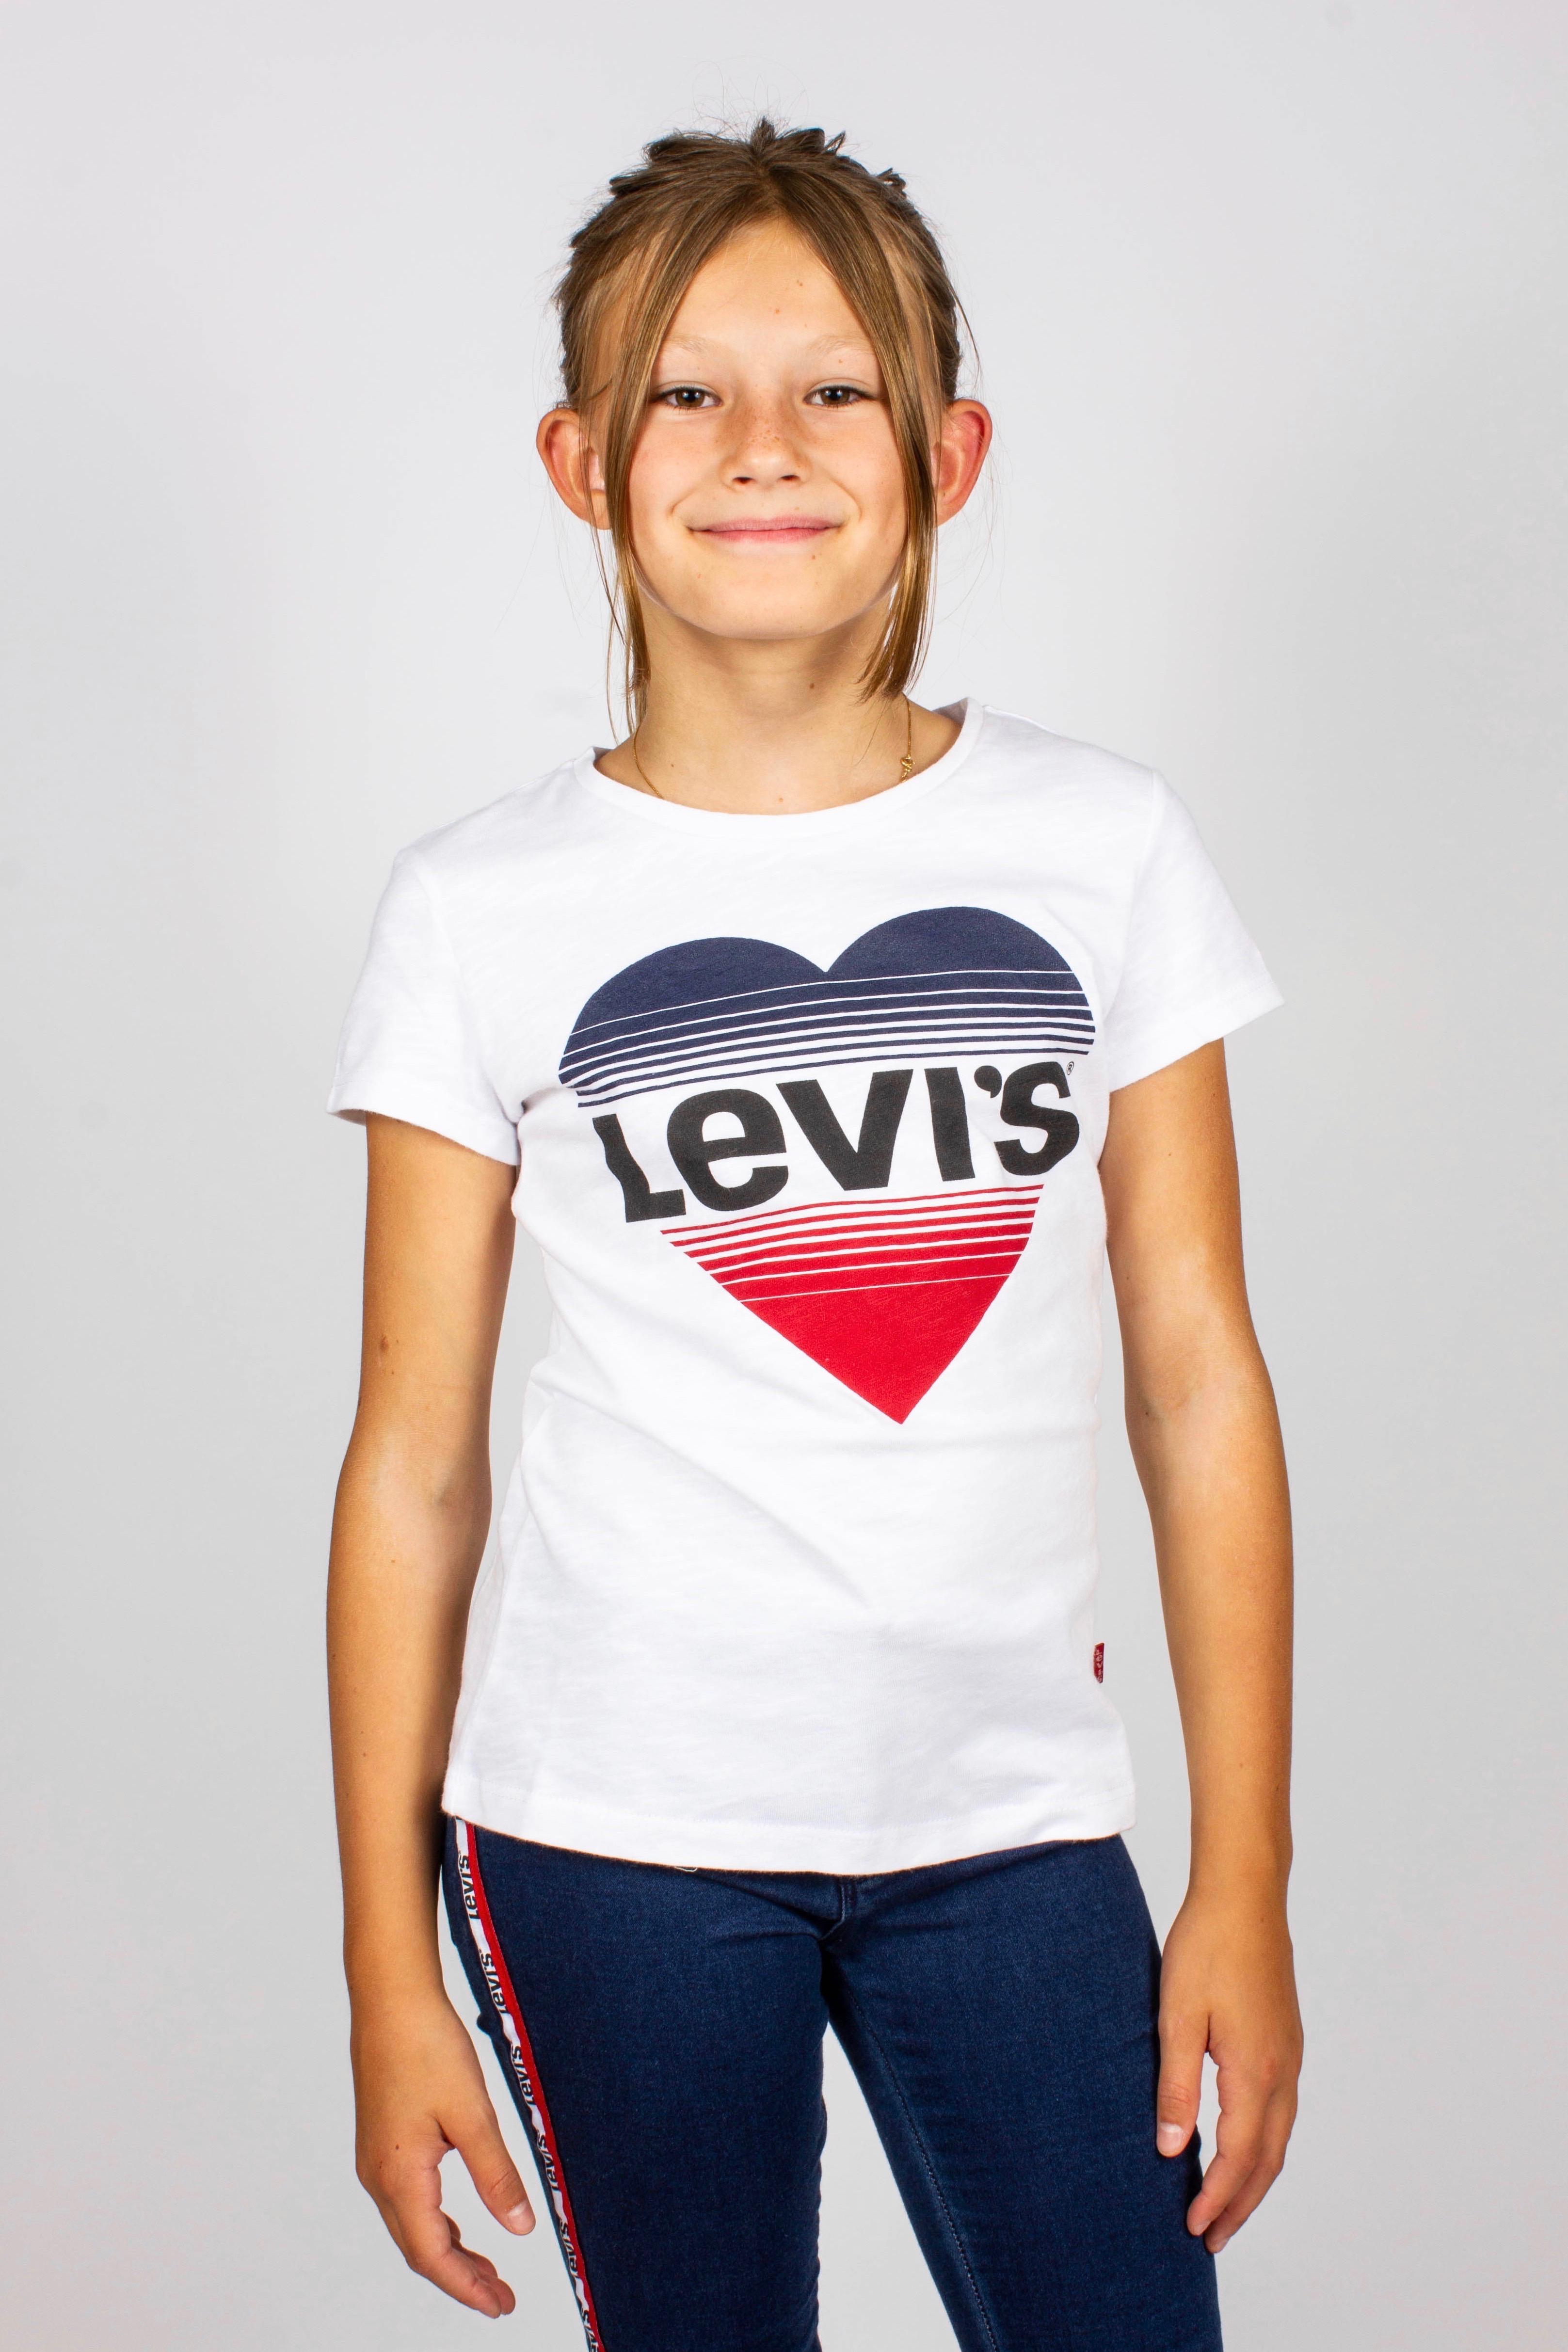 5335cd332d90 T-shirt » Barnkläder, Babykläder och Barnskor online » Lucca.se